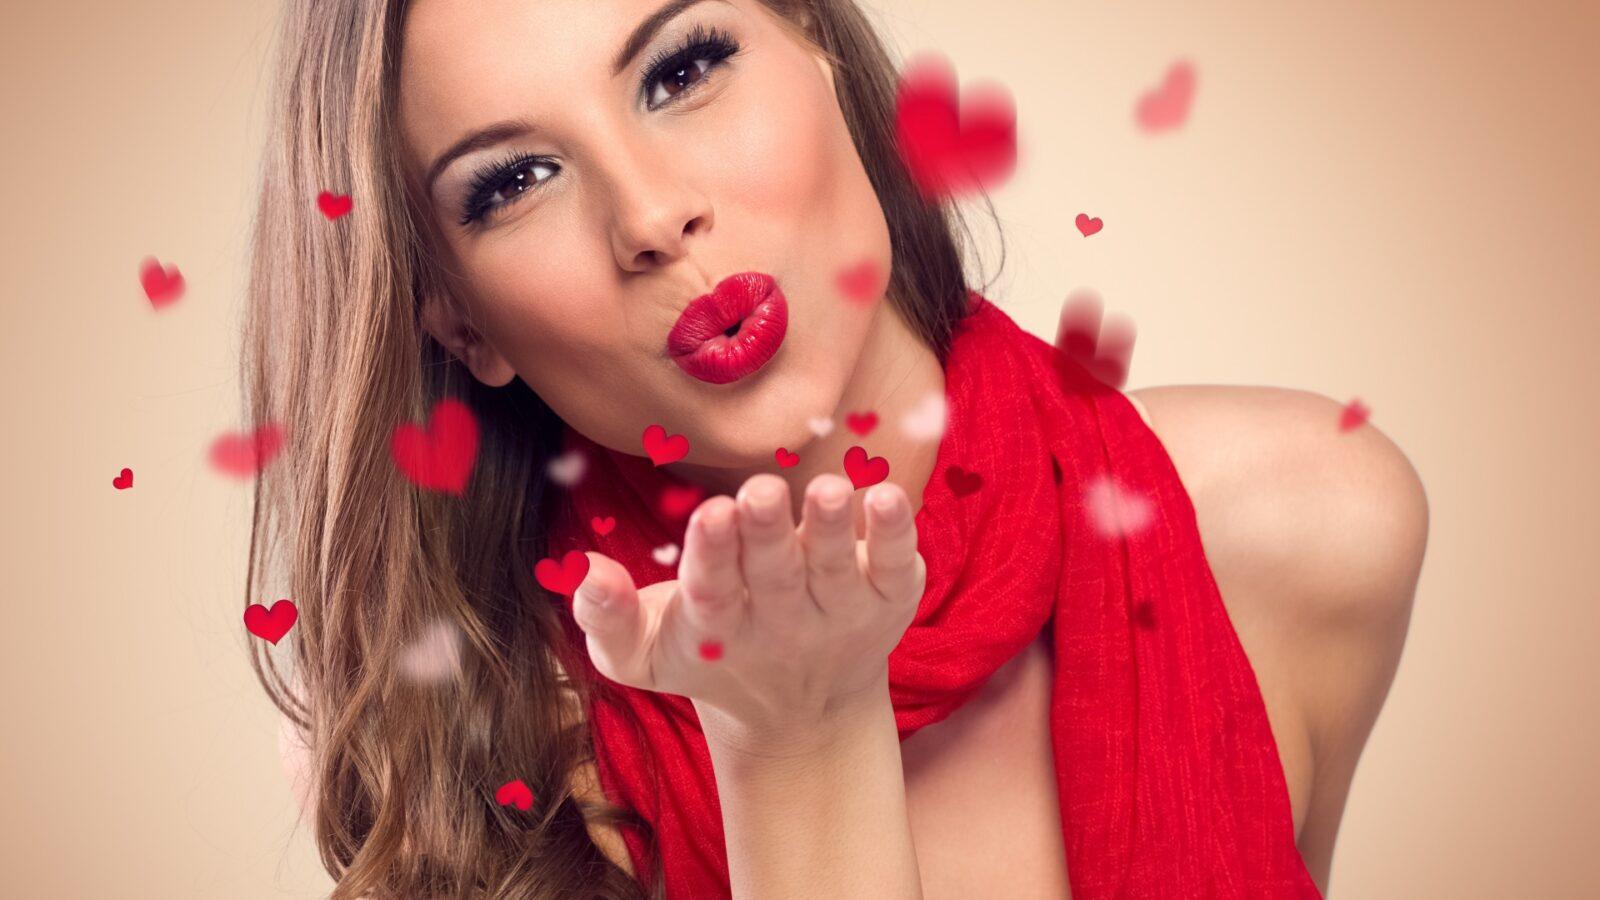 Фото красивых девушек с поцелуями